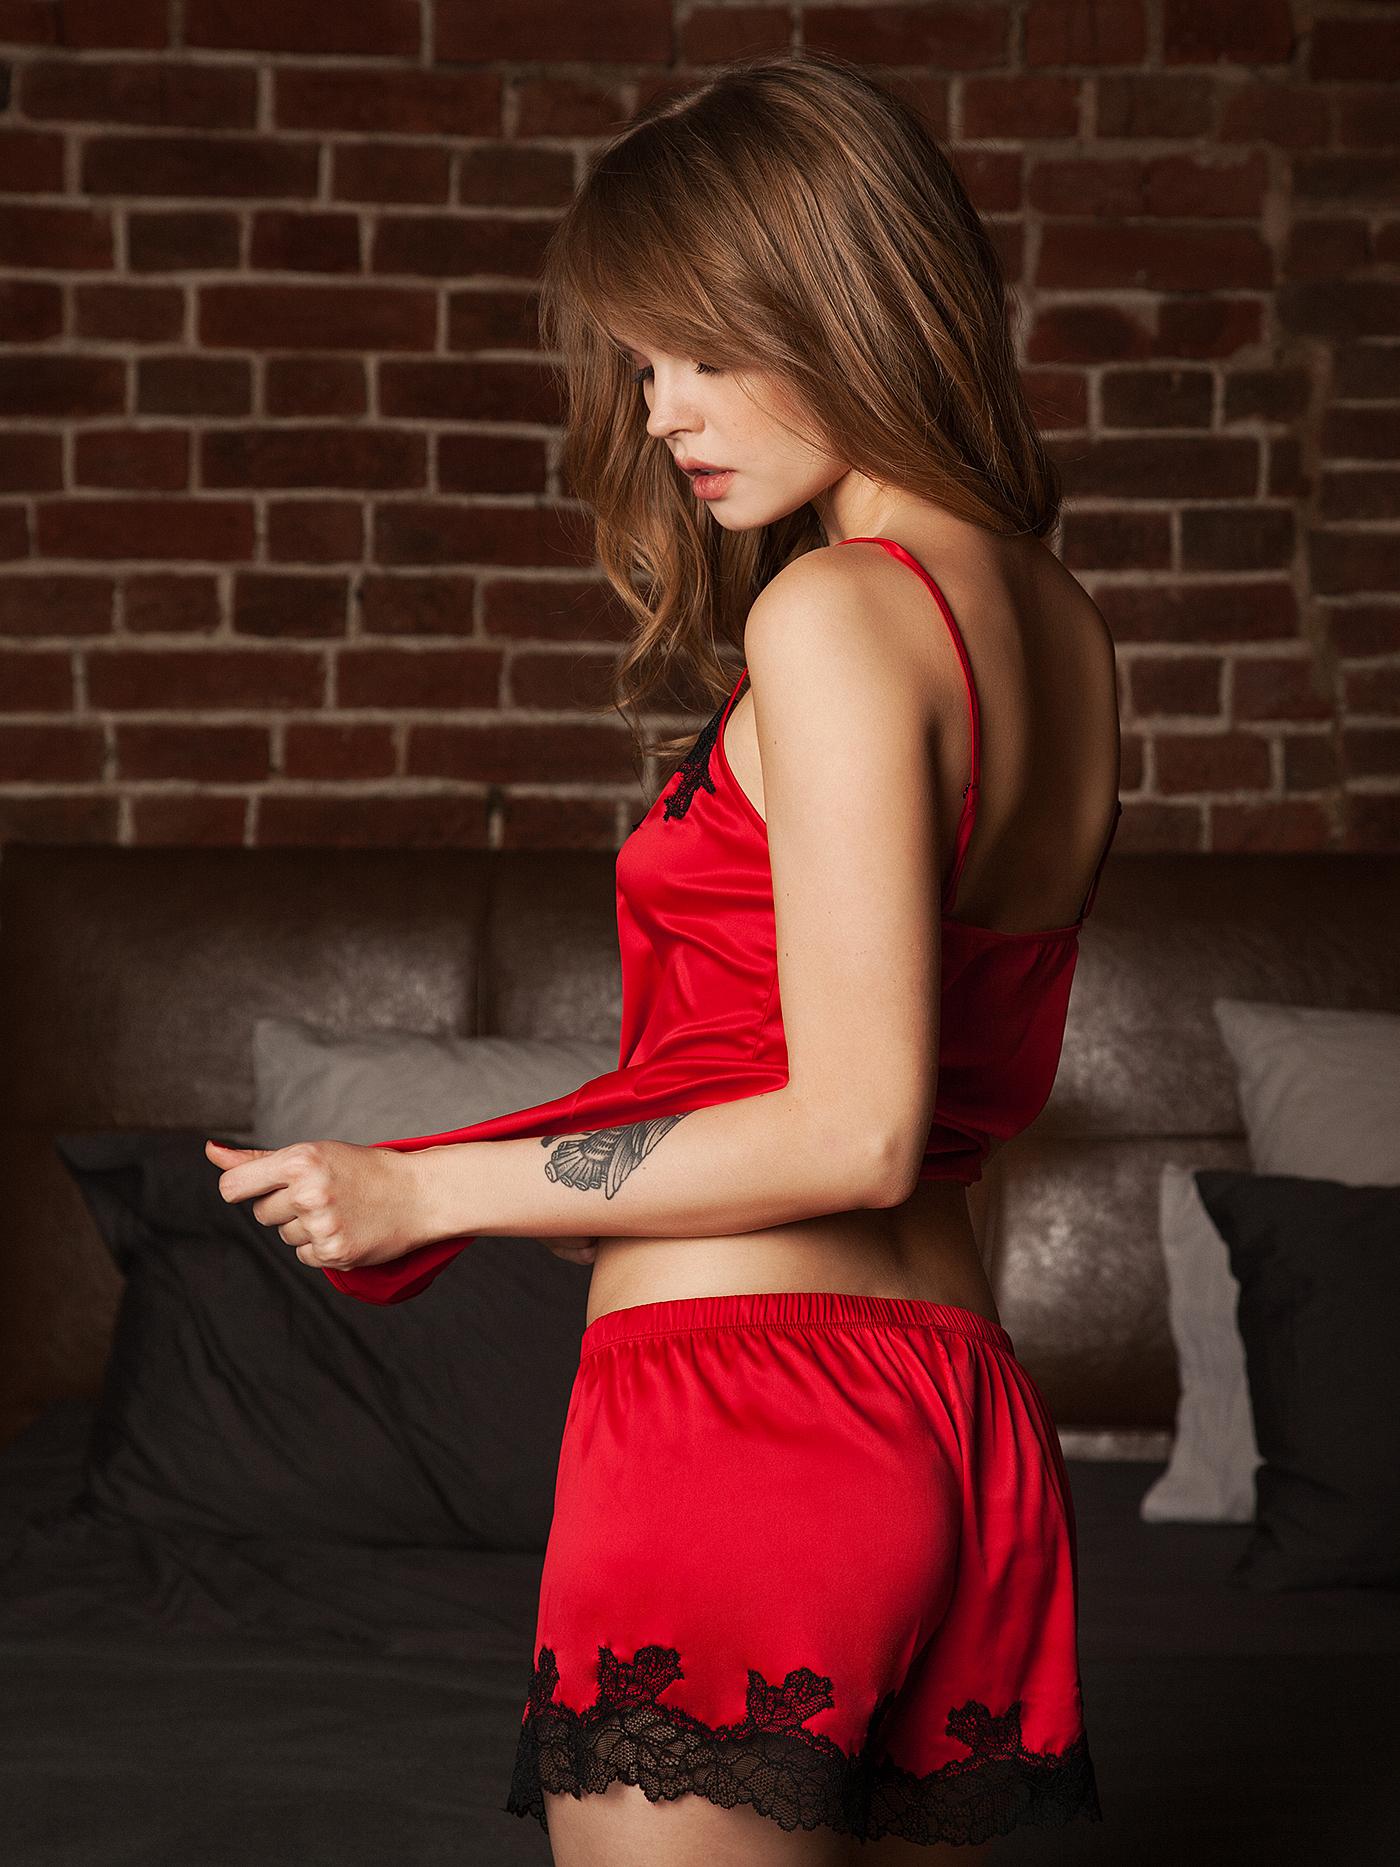 Шорты croisette secret night homeБюстье<br>шорты<br><br>Цвет: Красный<br>Декор: Кружево<br>Стилистика: Сексуальное<br>Направление: Бюстье<br>Пол: Женский<br>Материал: 85%ПЭ;10%ПА;5%ЭЛ<br>Размер: 1